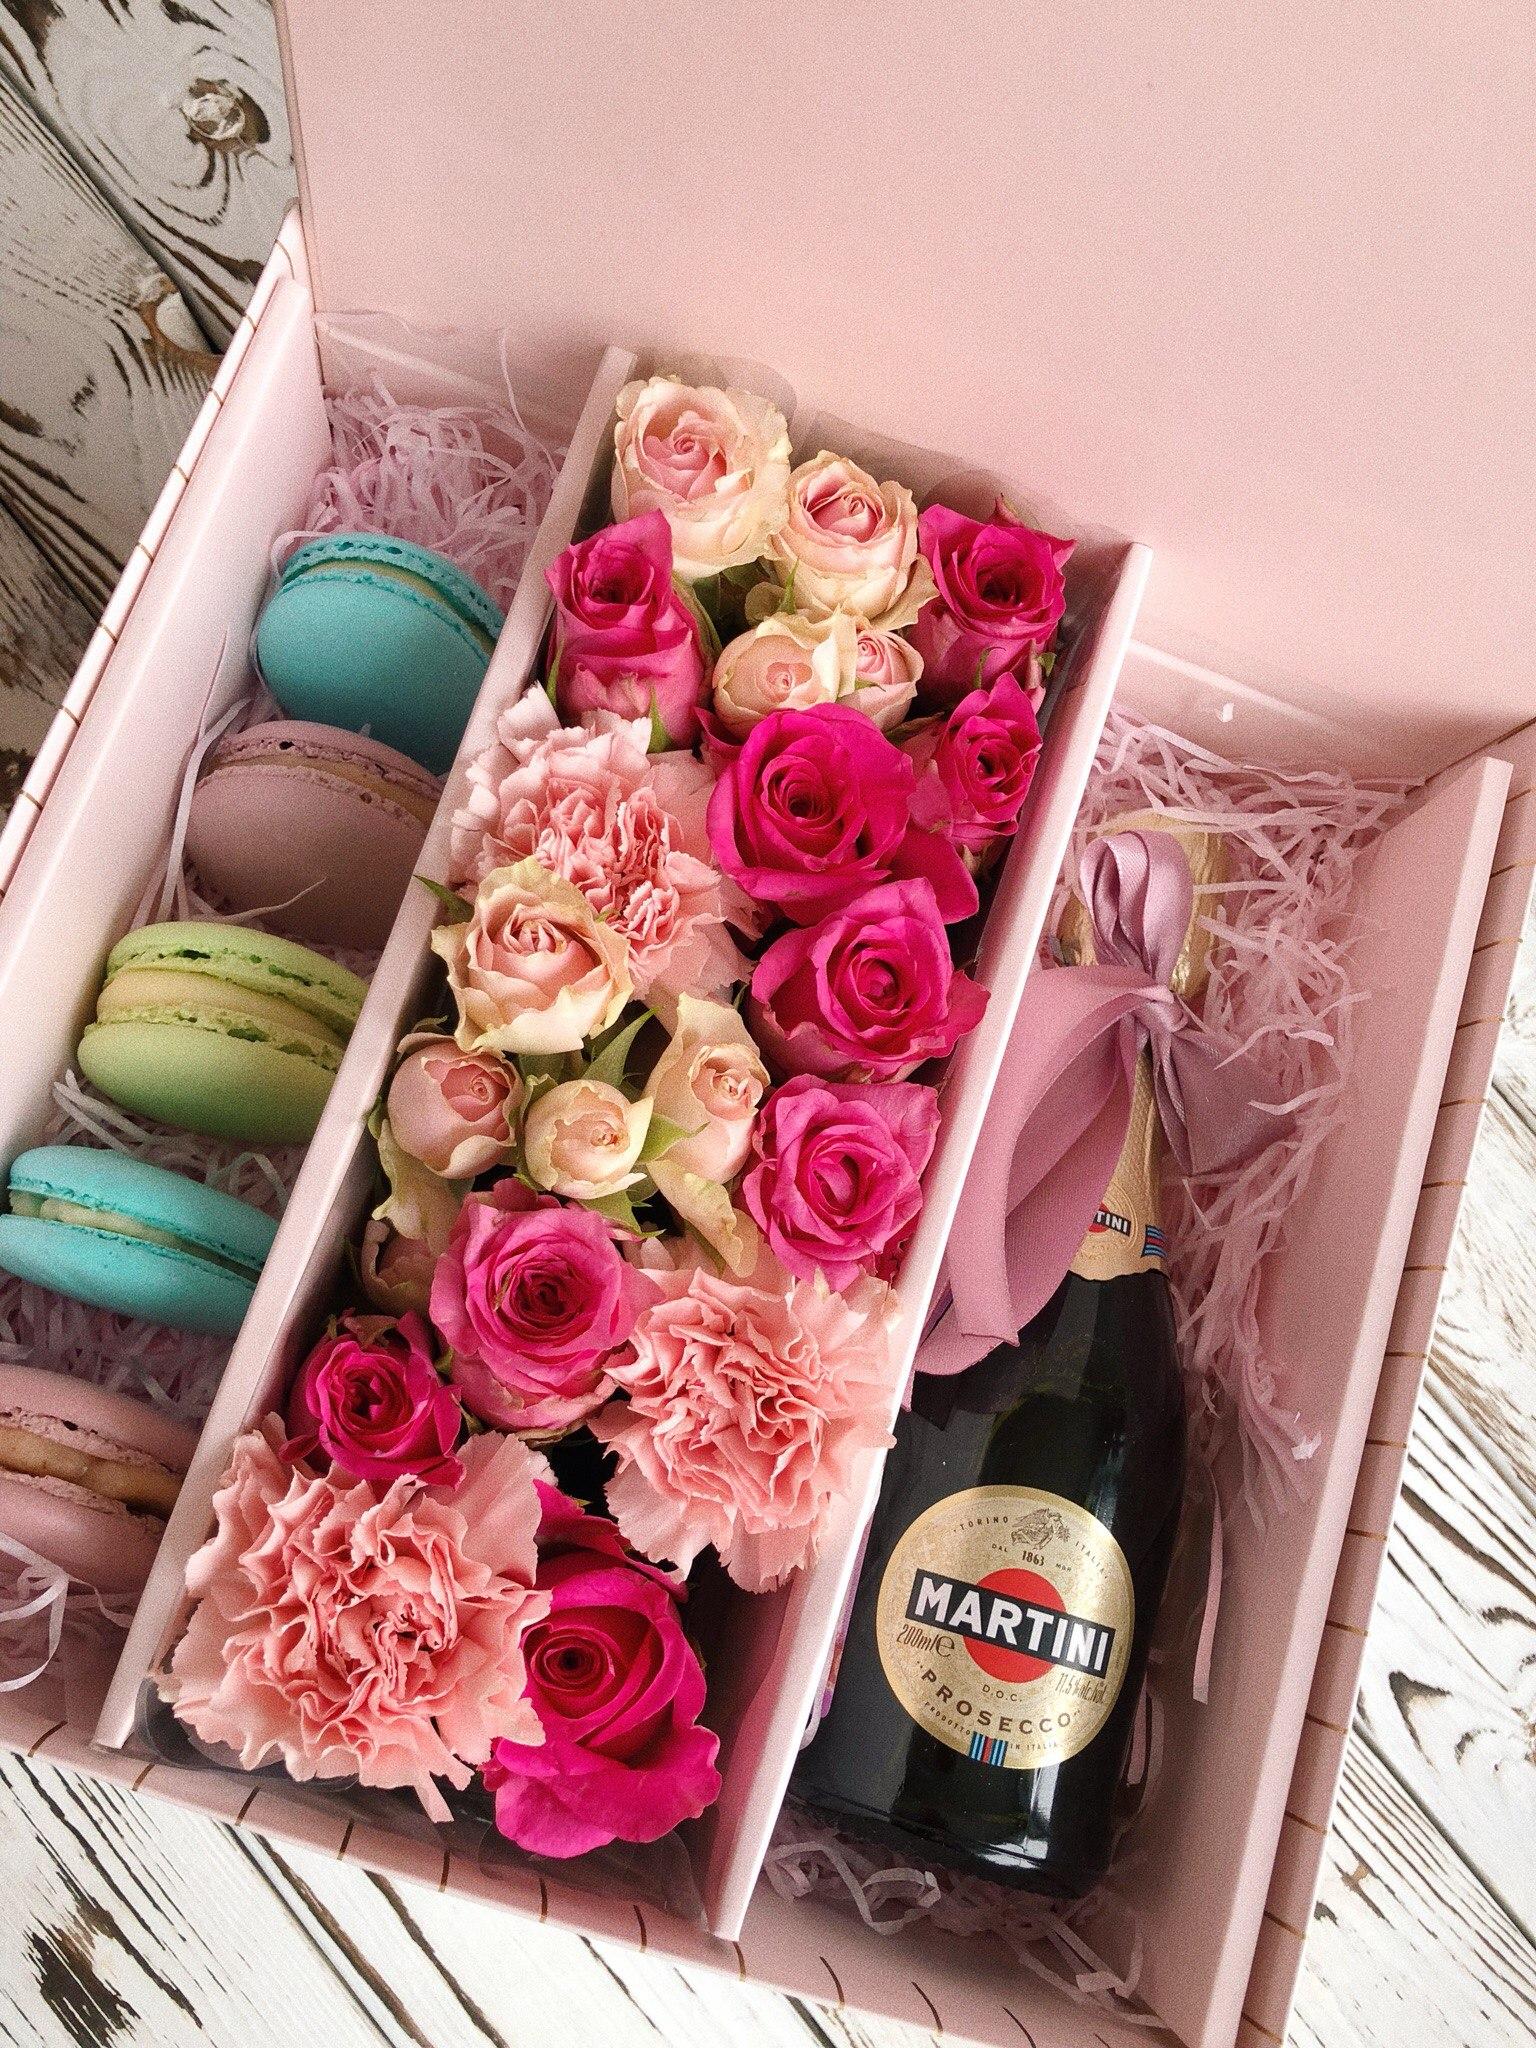 Большая корзинка с цветами, сладостями и Martini